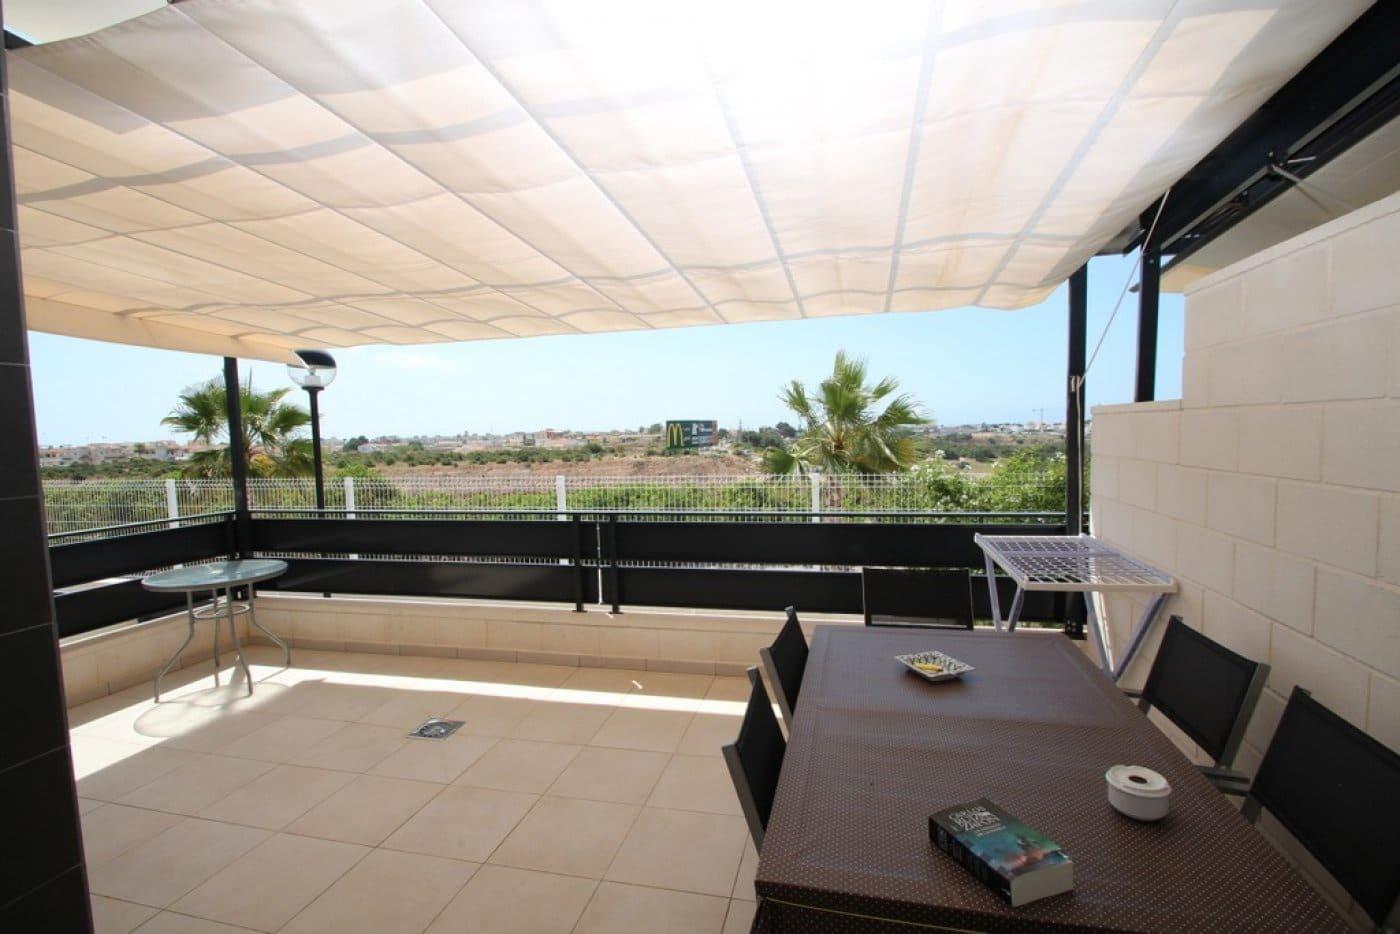 Adosado de 3 habitaciones en Cabo Roig en venta con piscina - 225.000 € (Ref: 4652129)